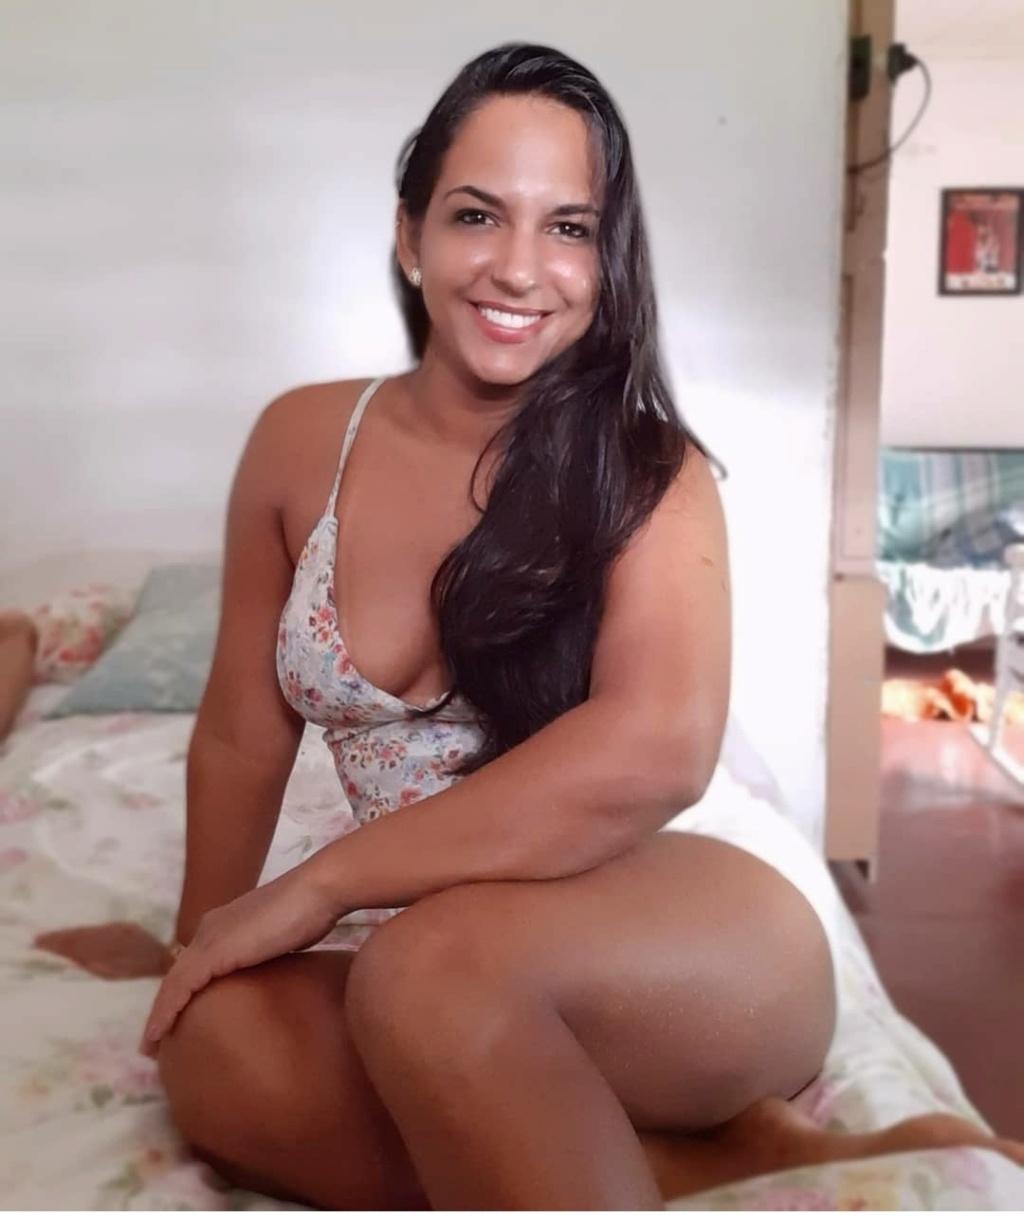 DEBATE sobre belleza, guapura y hermosura (fotos de chicas latinas, mestizas, y de todo) - VOL II - Página 2 Img_1046